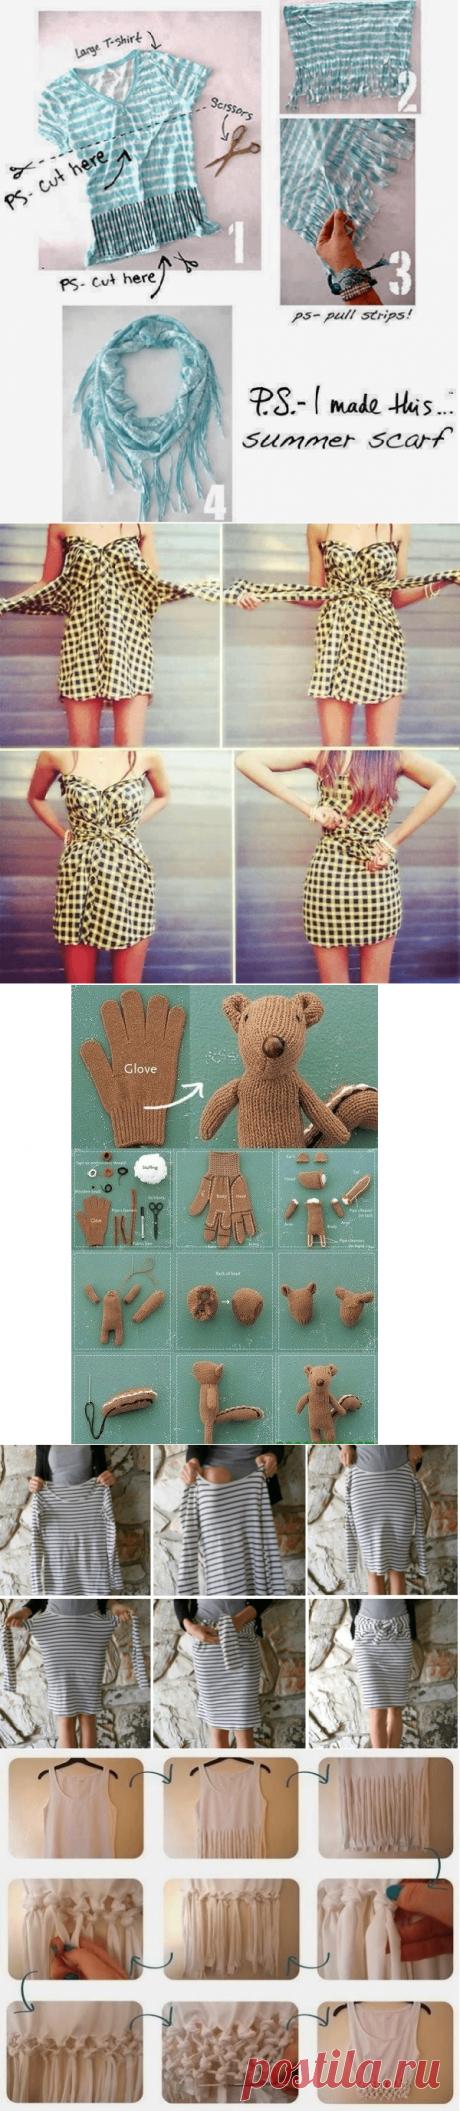 Из старой вещи — в новый наряд: 16 фото идей переделки одежды